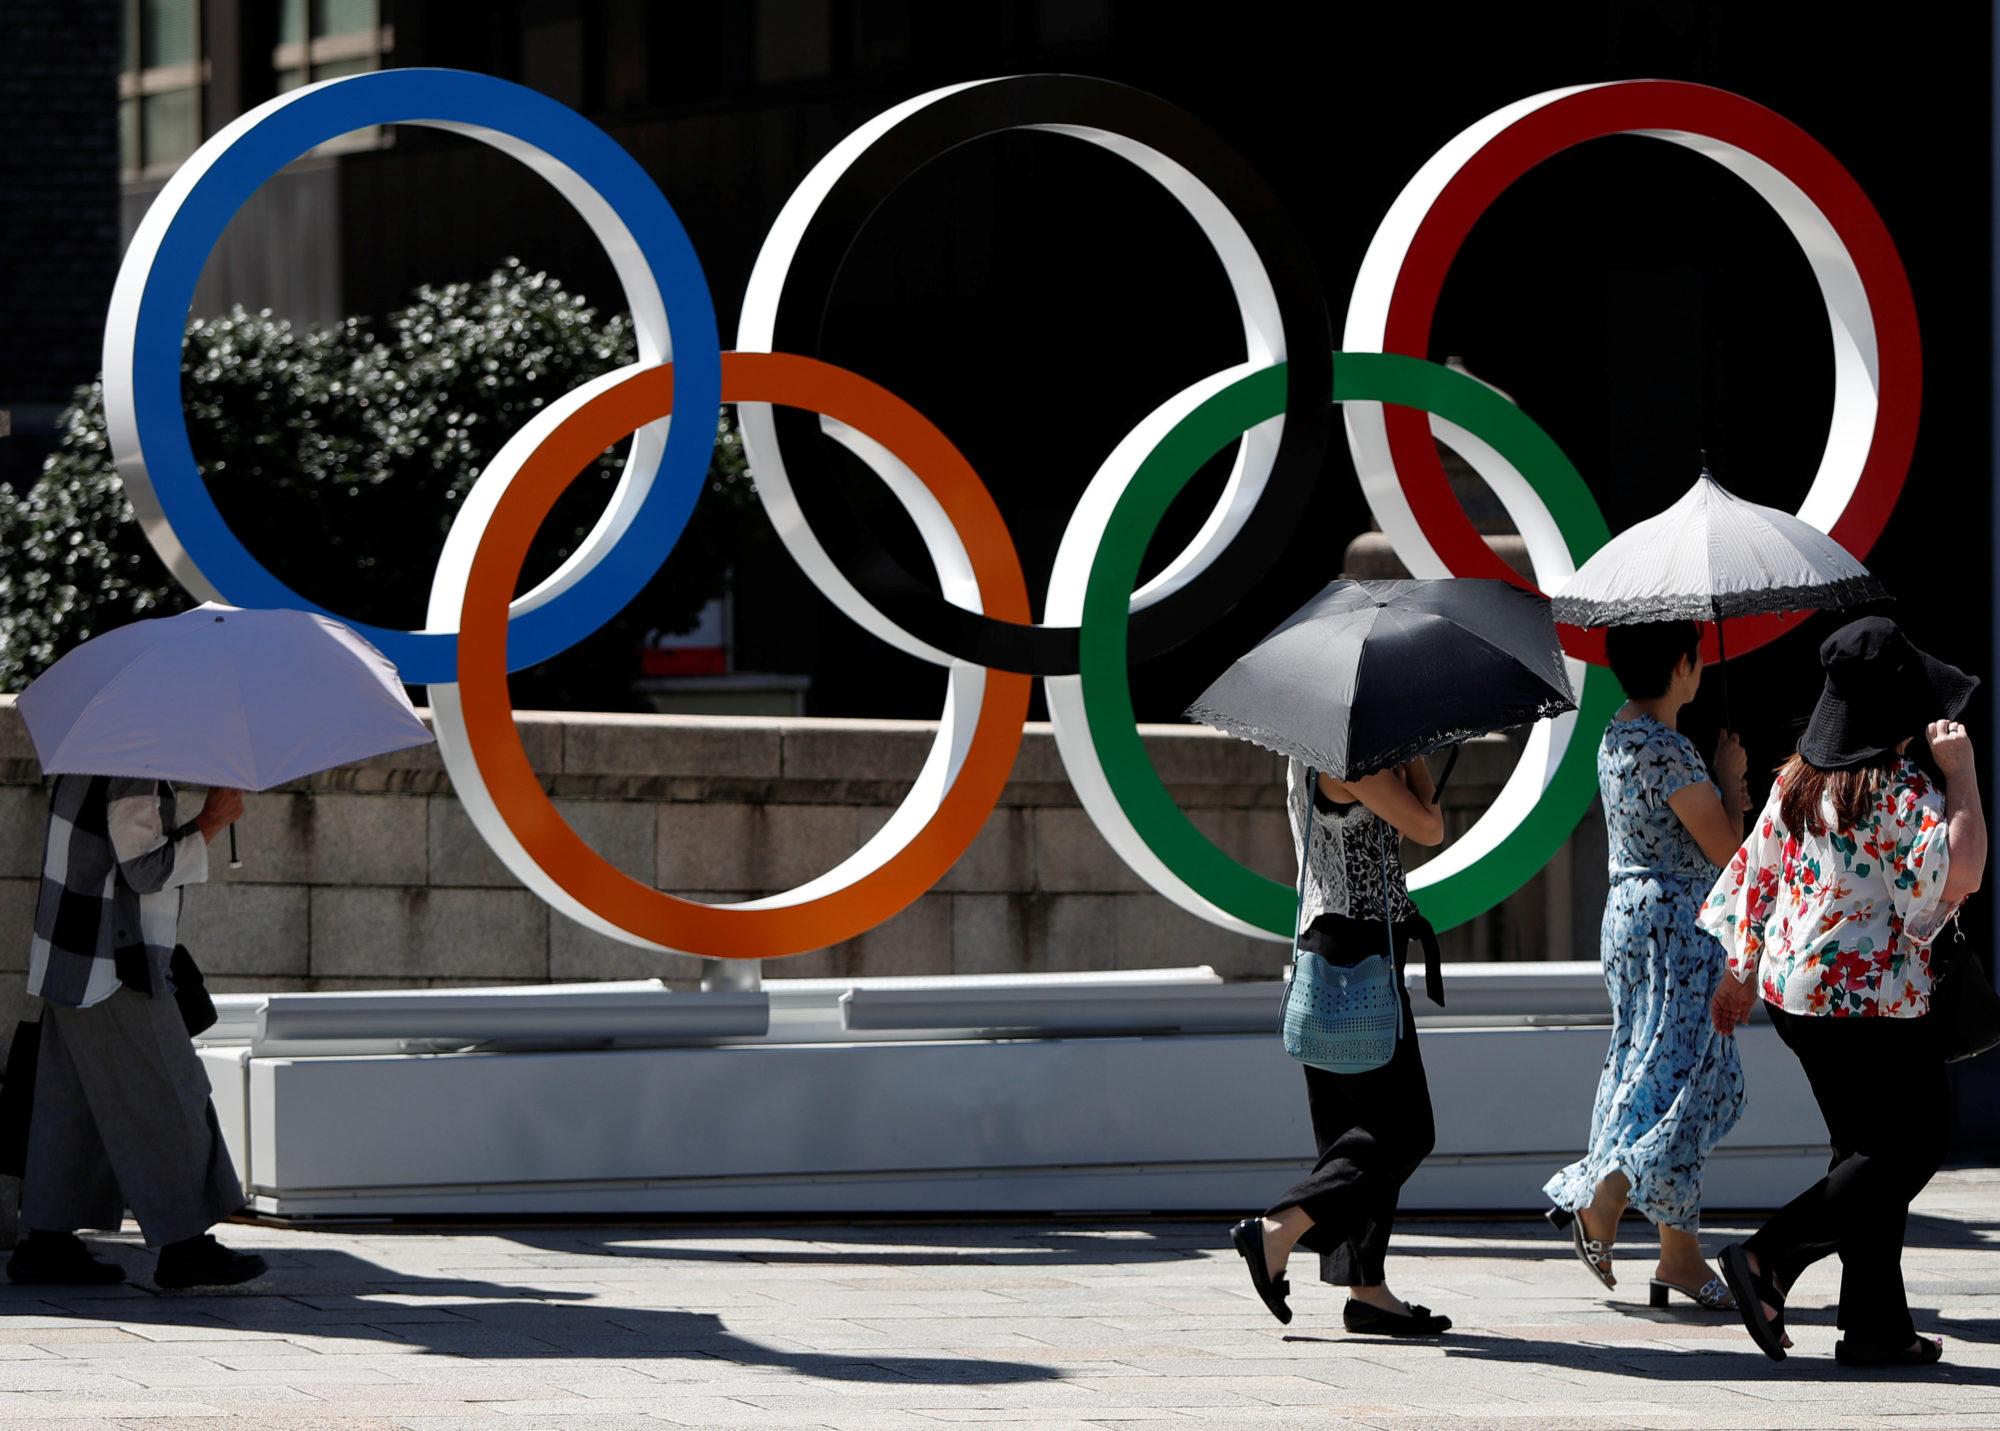 Олімпійські ігри під загрозою: зміна клімату може перетворити змагання в Токіо на катастрофу - зміна клімату - 15 olympyjskye ygry 2000x1431